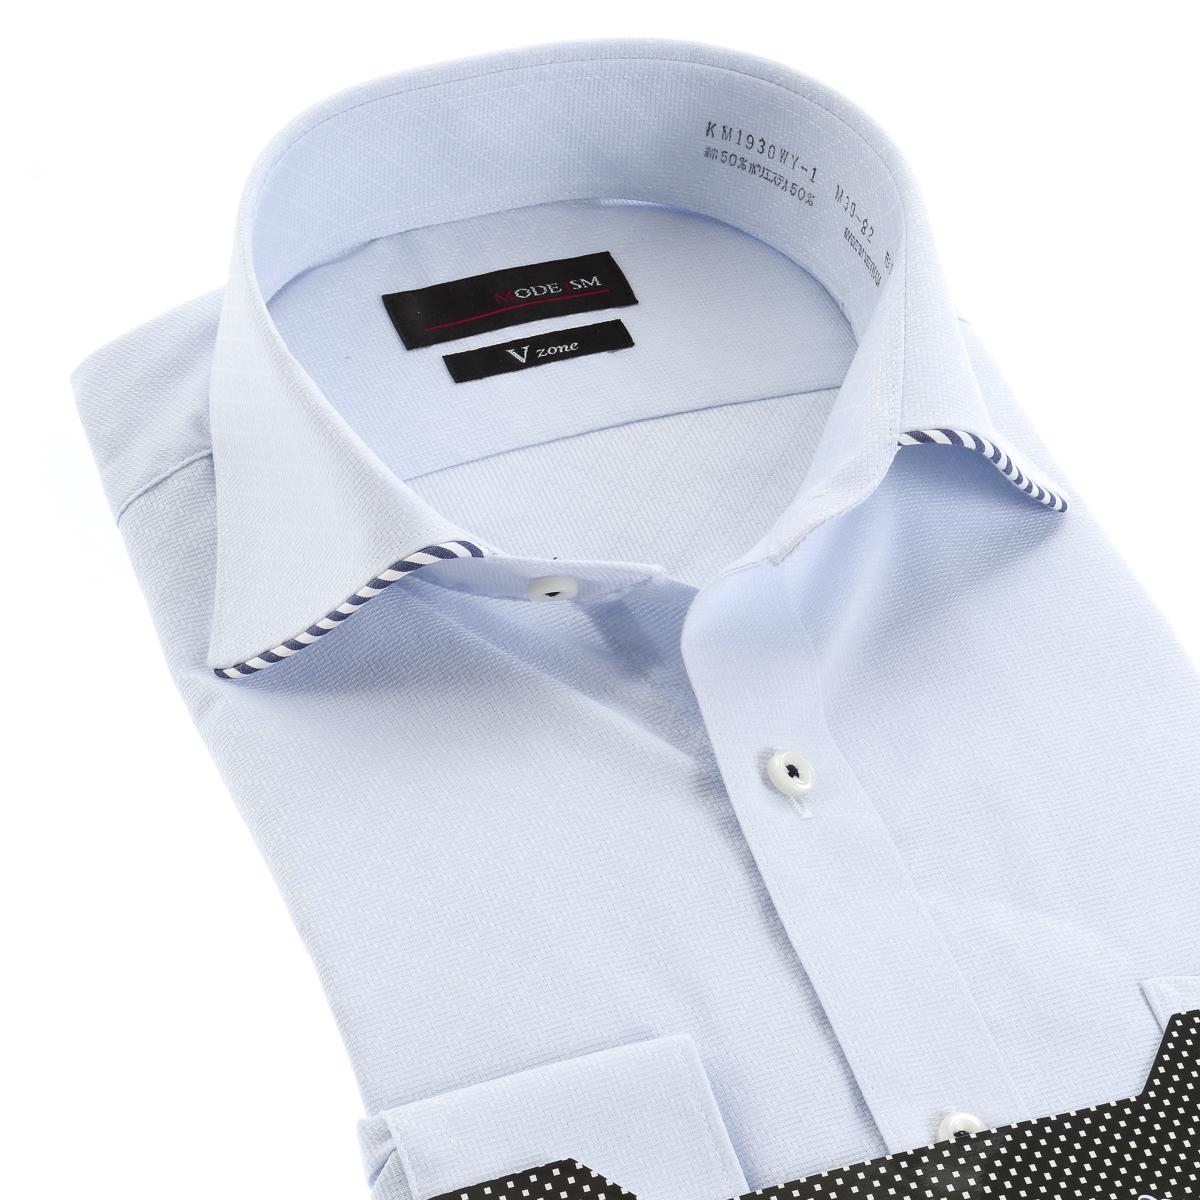 シャキッと!Vゾーン・形態安定 ショートワイド ワイシャツ 長袖 【MODE ISM Vzone】